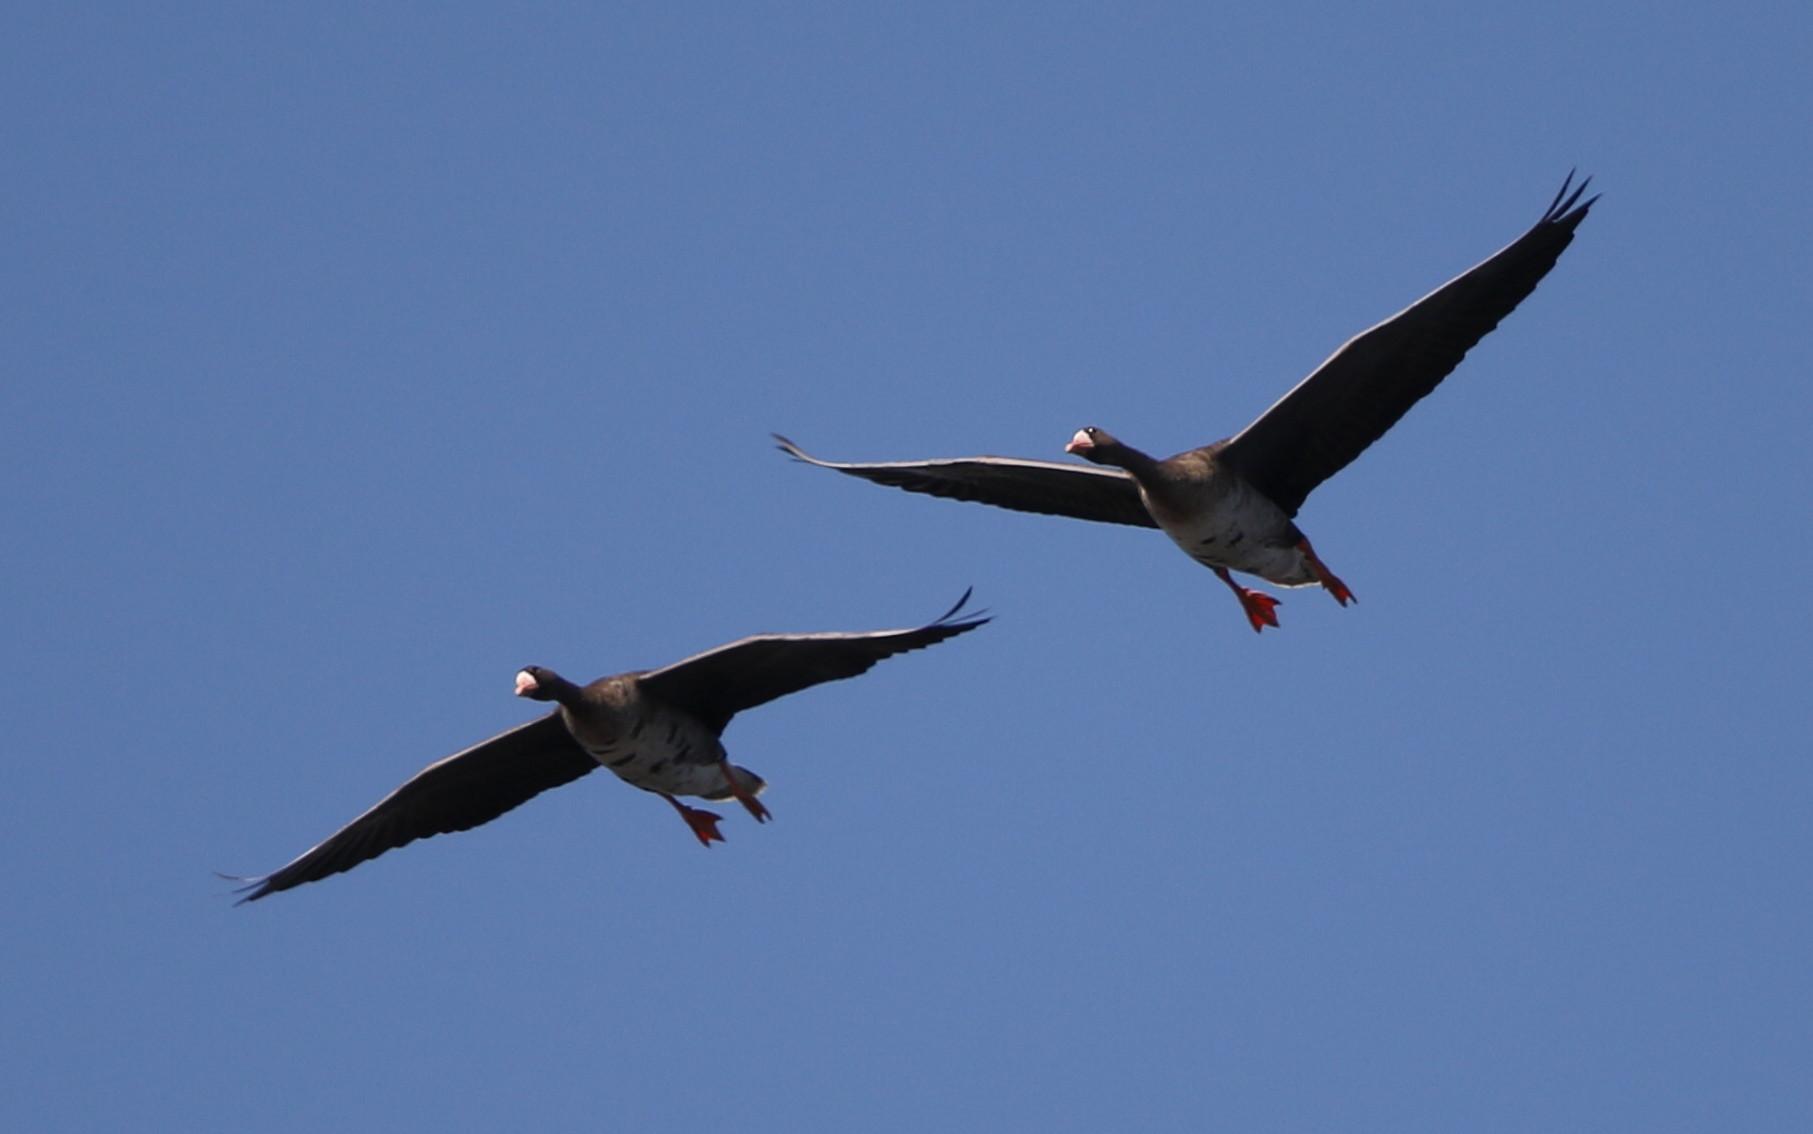 MFの沼へマガンが3羽飛来上空を旋回し飛び去る_f0239515_1733126.jpg